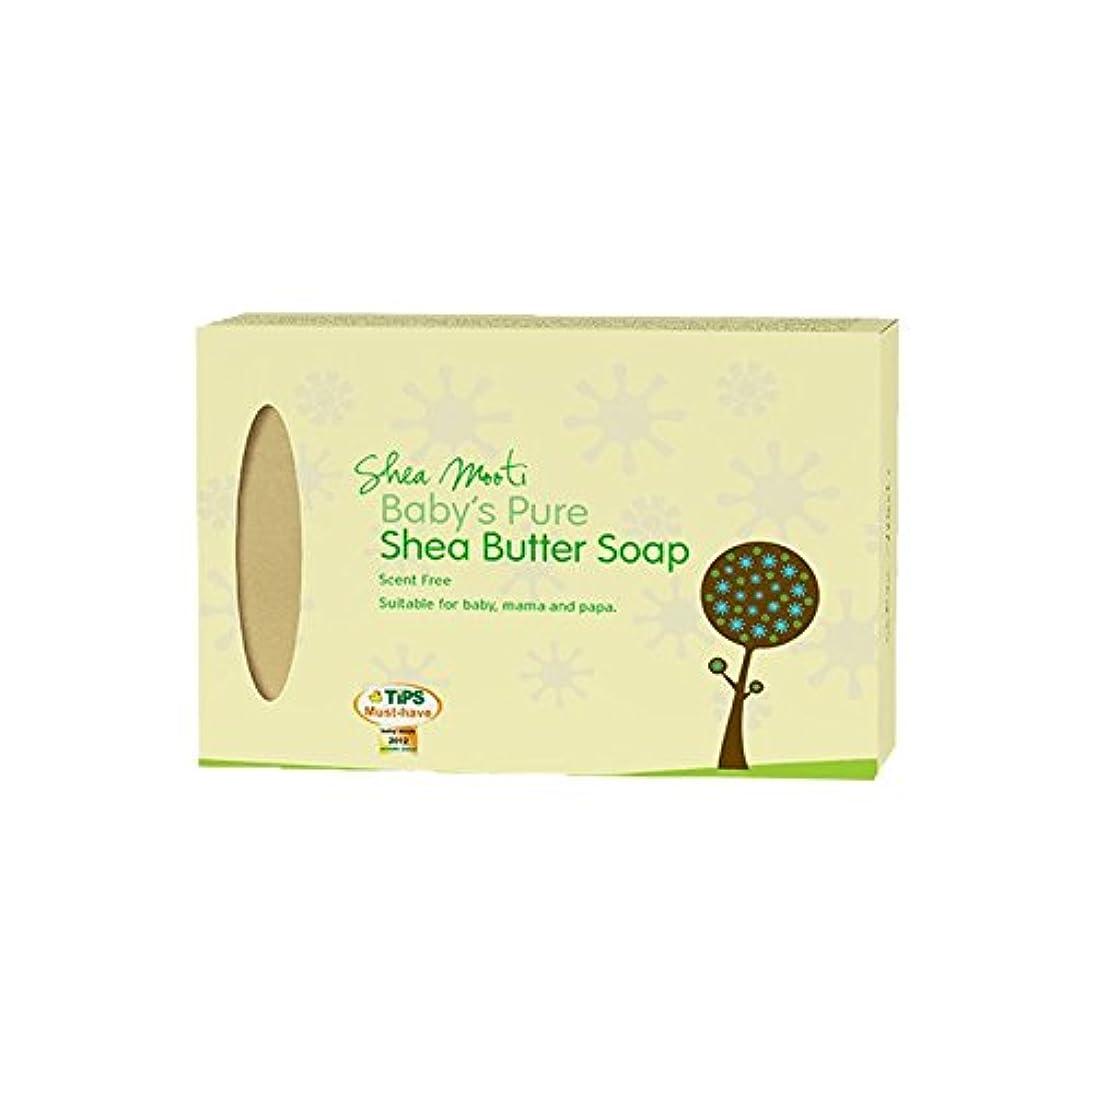 映画重要な画家Shea Mooti Baby's Pure Shea Butter Soap Unscented 250ml (Pack of 6) - シアバターMooti赤ちゃんの純粋なシアバターソープ無香250ミリリットル (x6...